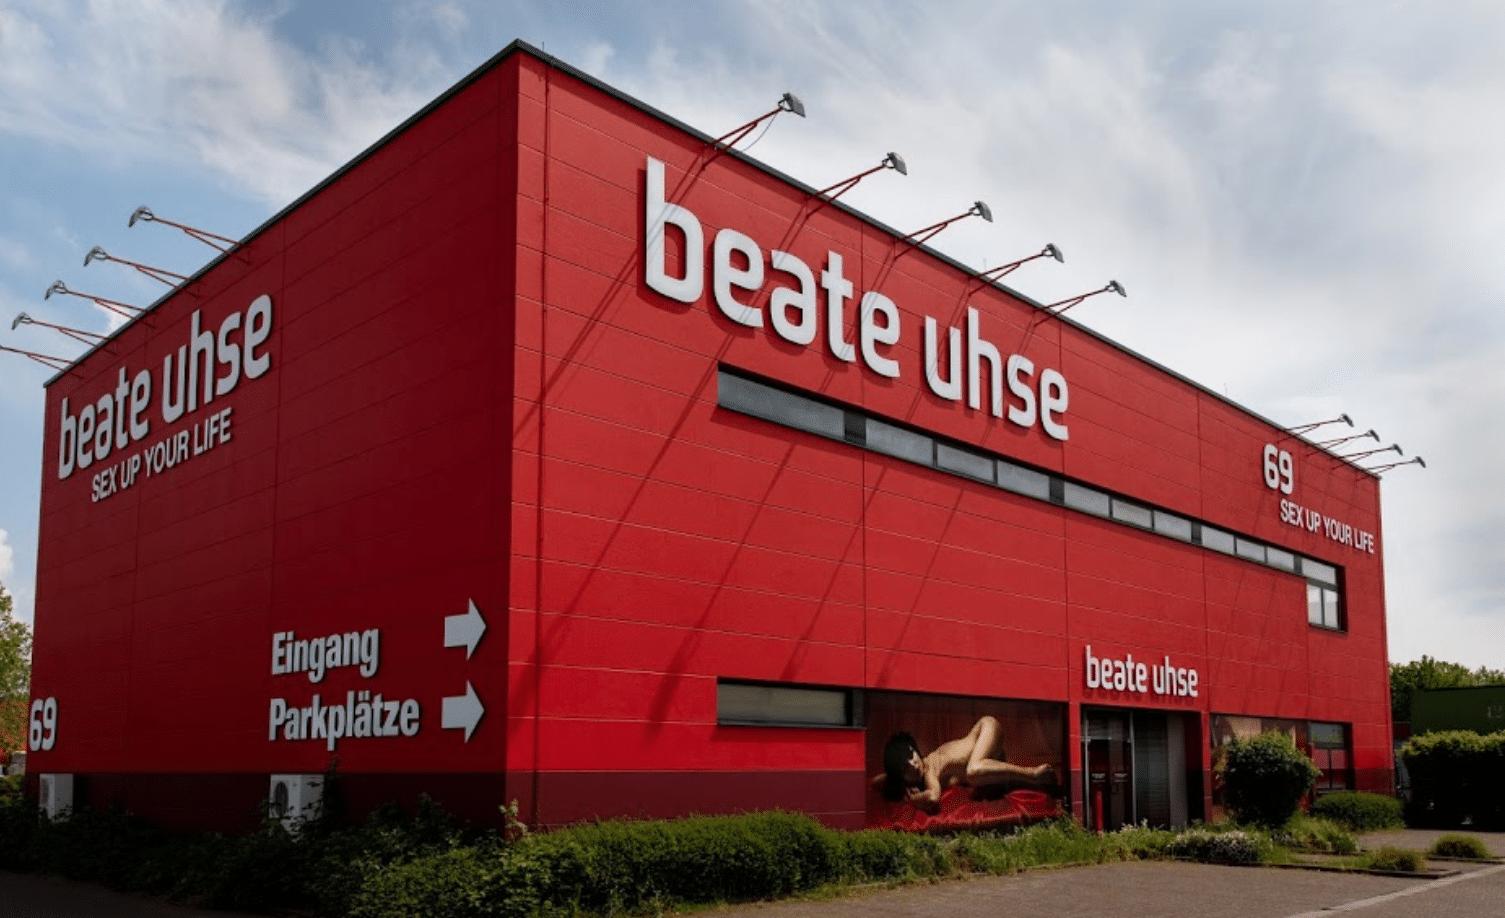 Beate Uhse Wiesbaden